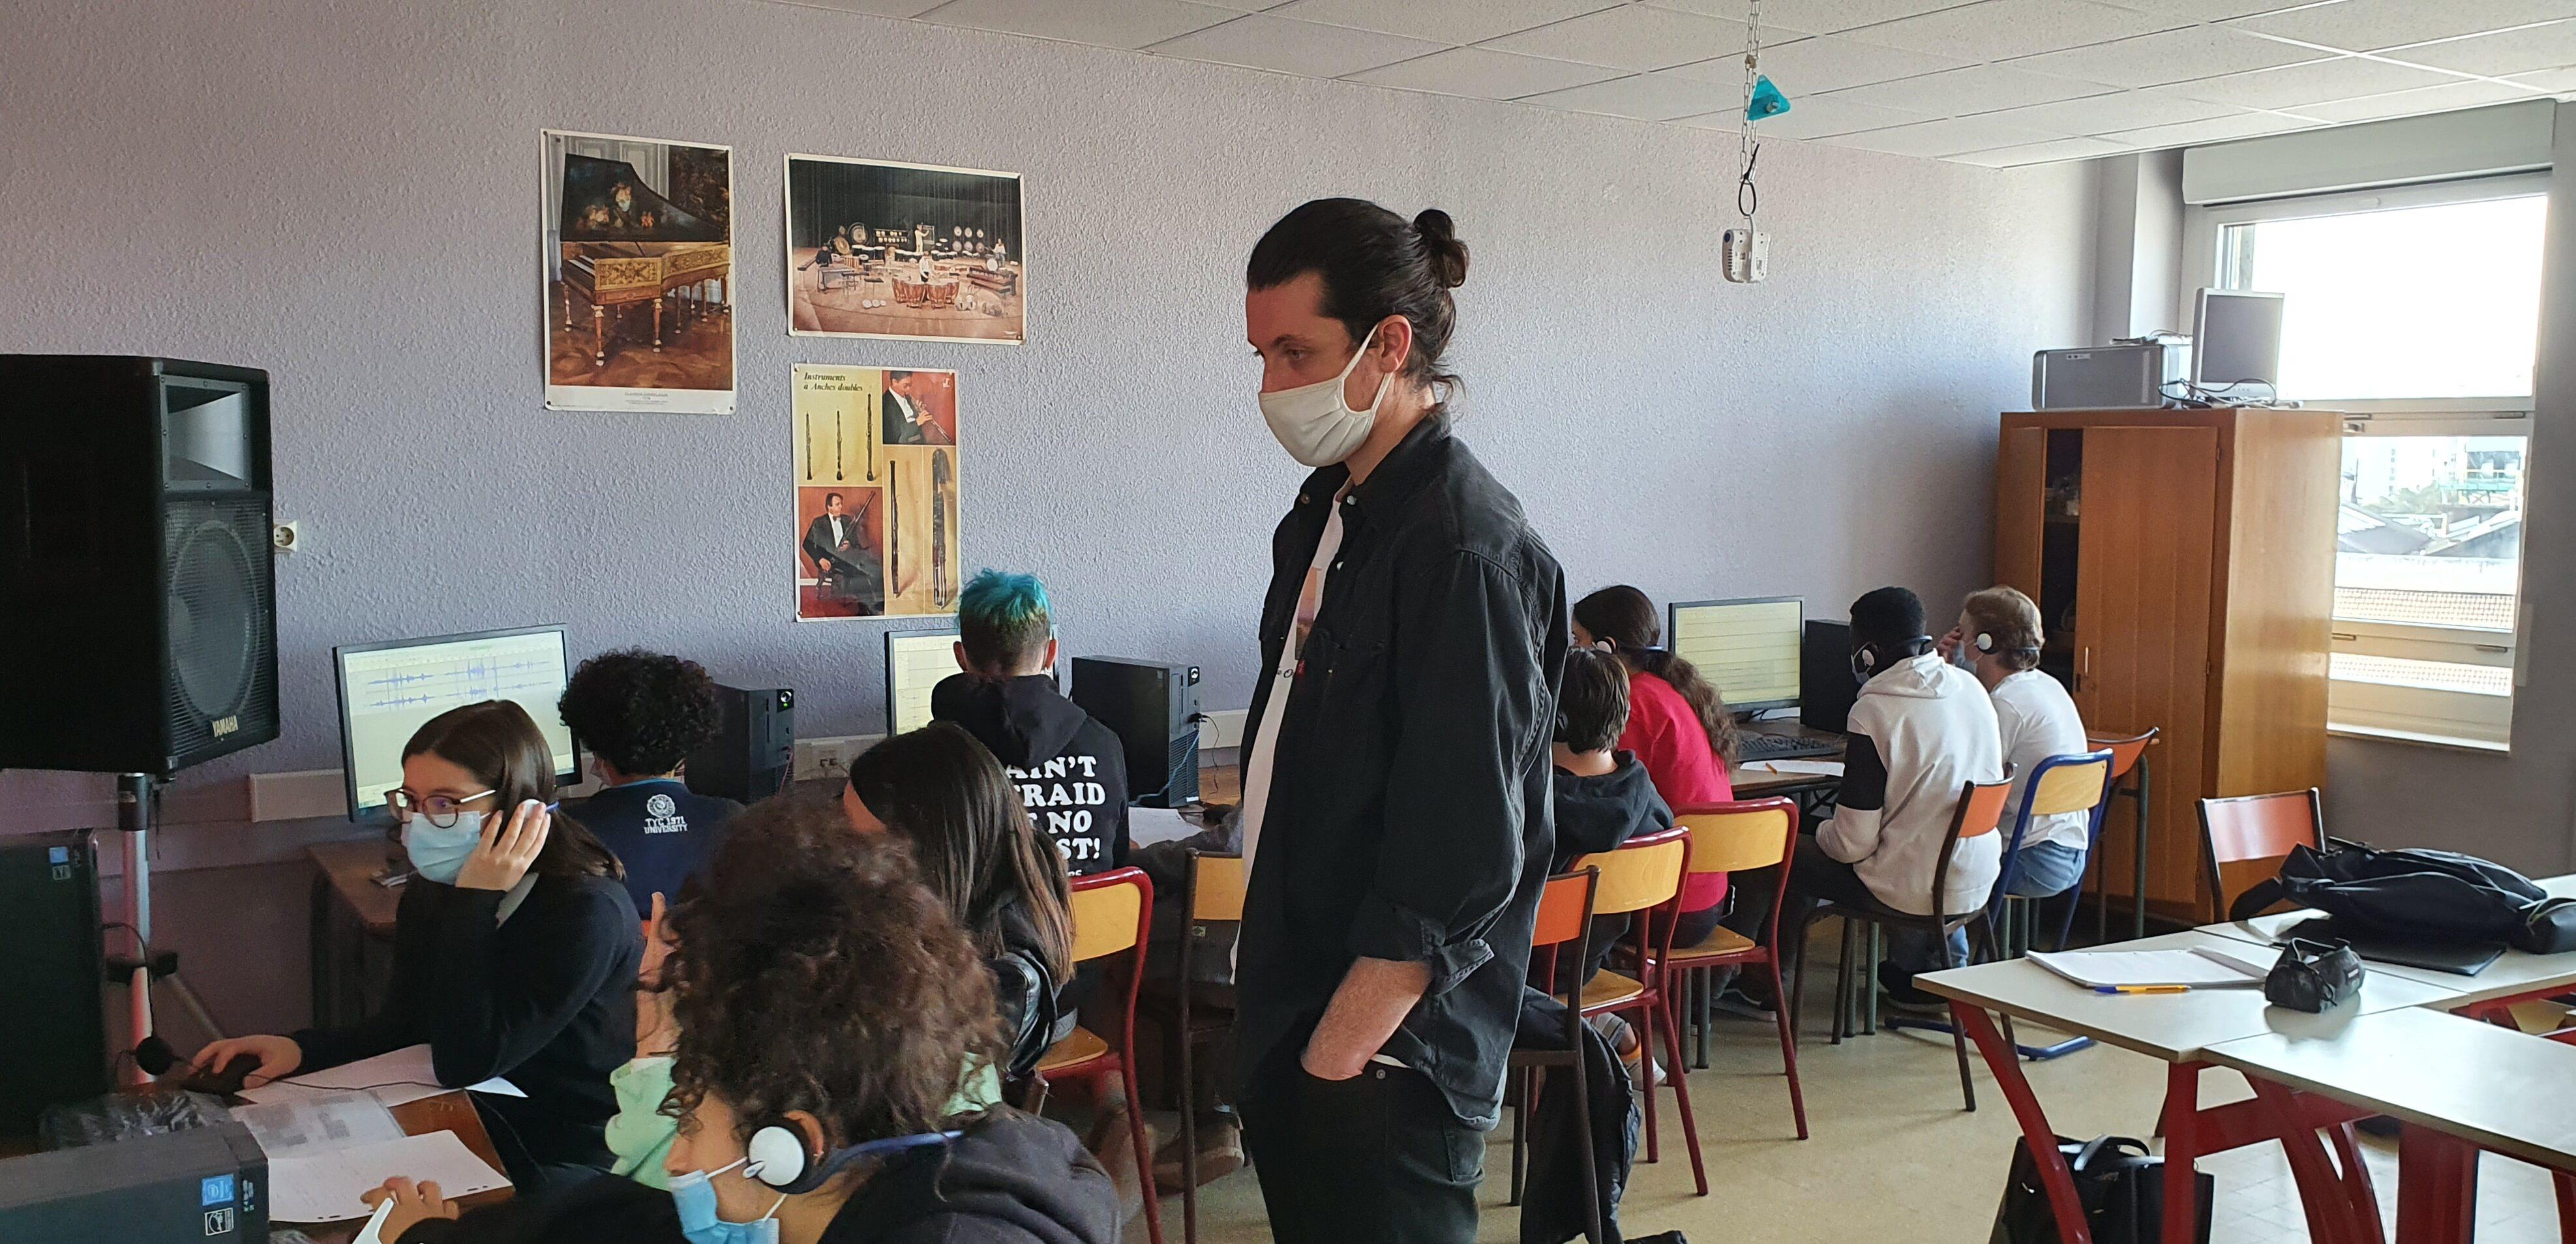 Lycée Lumière musique seconde option projet Région